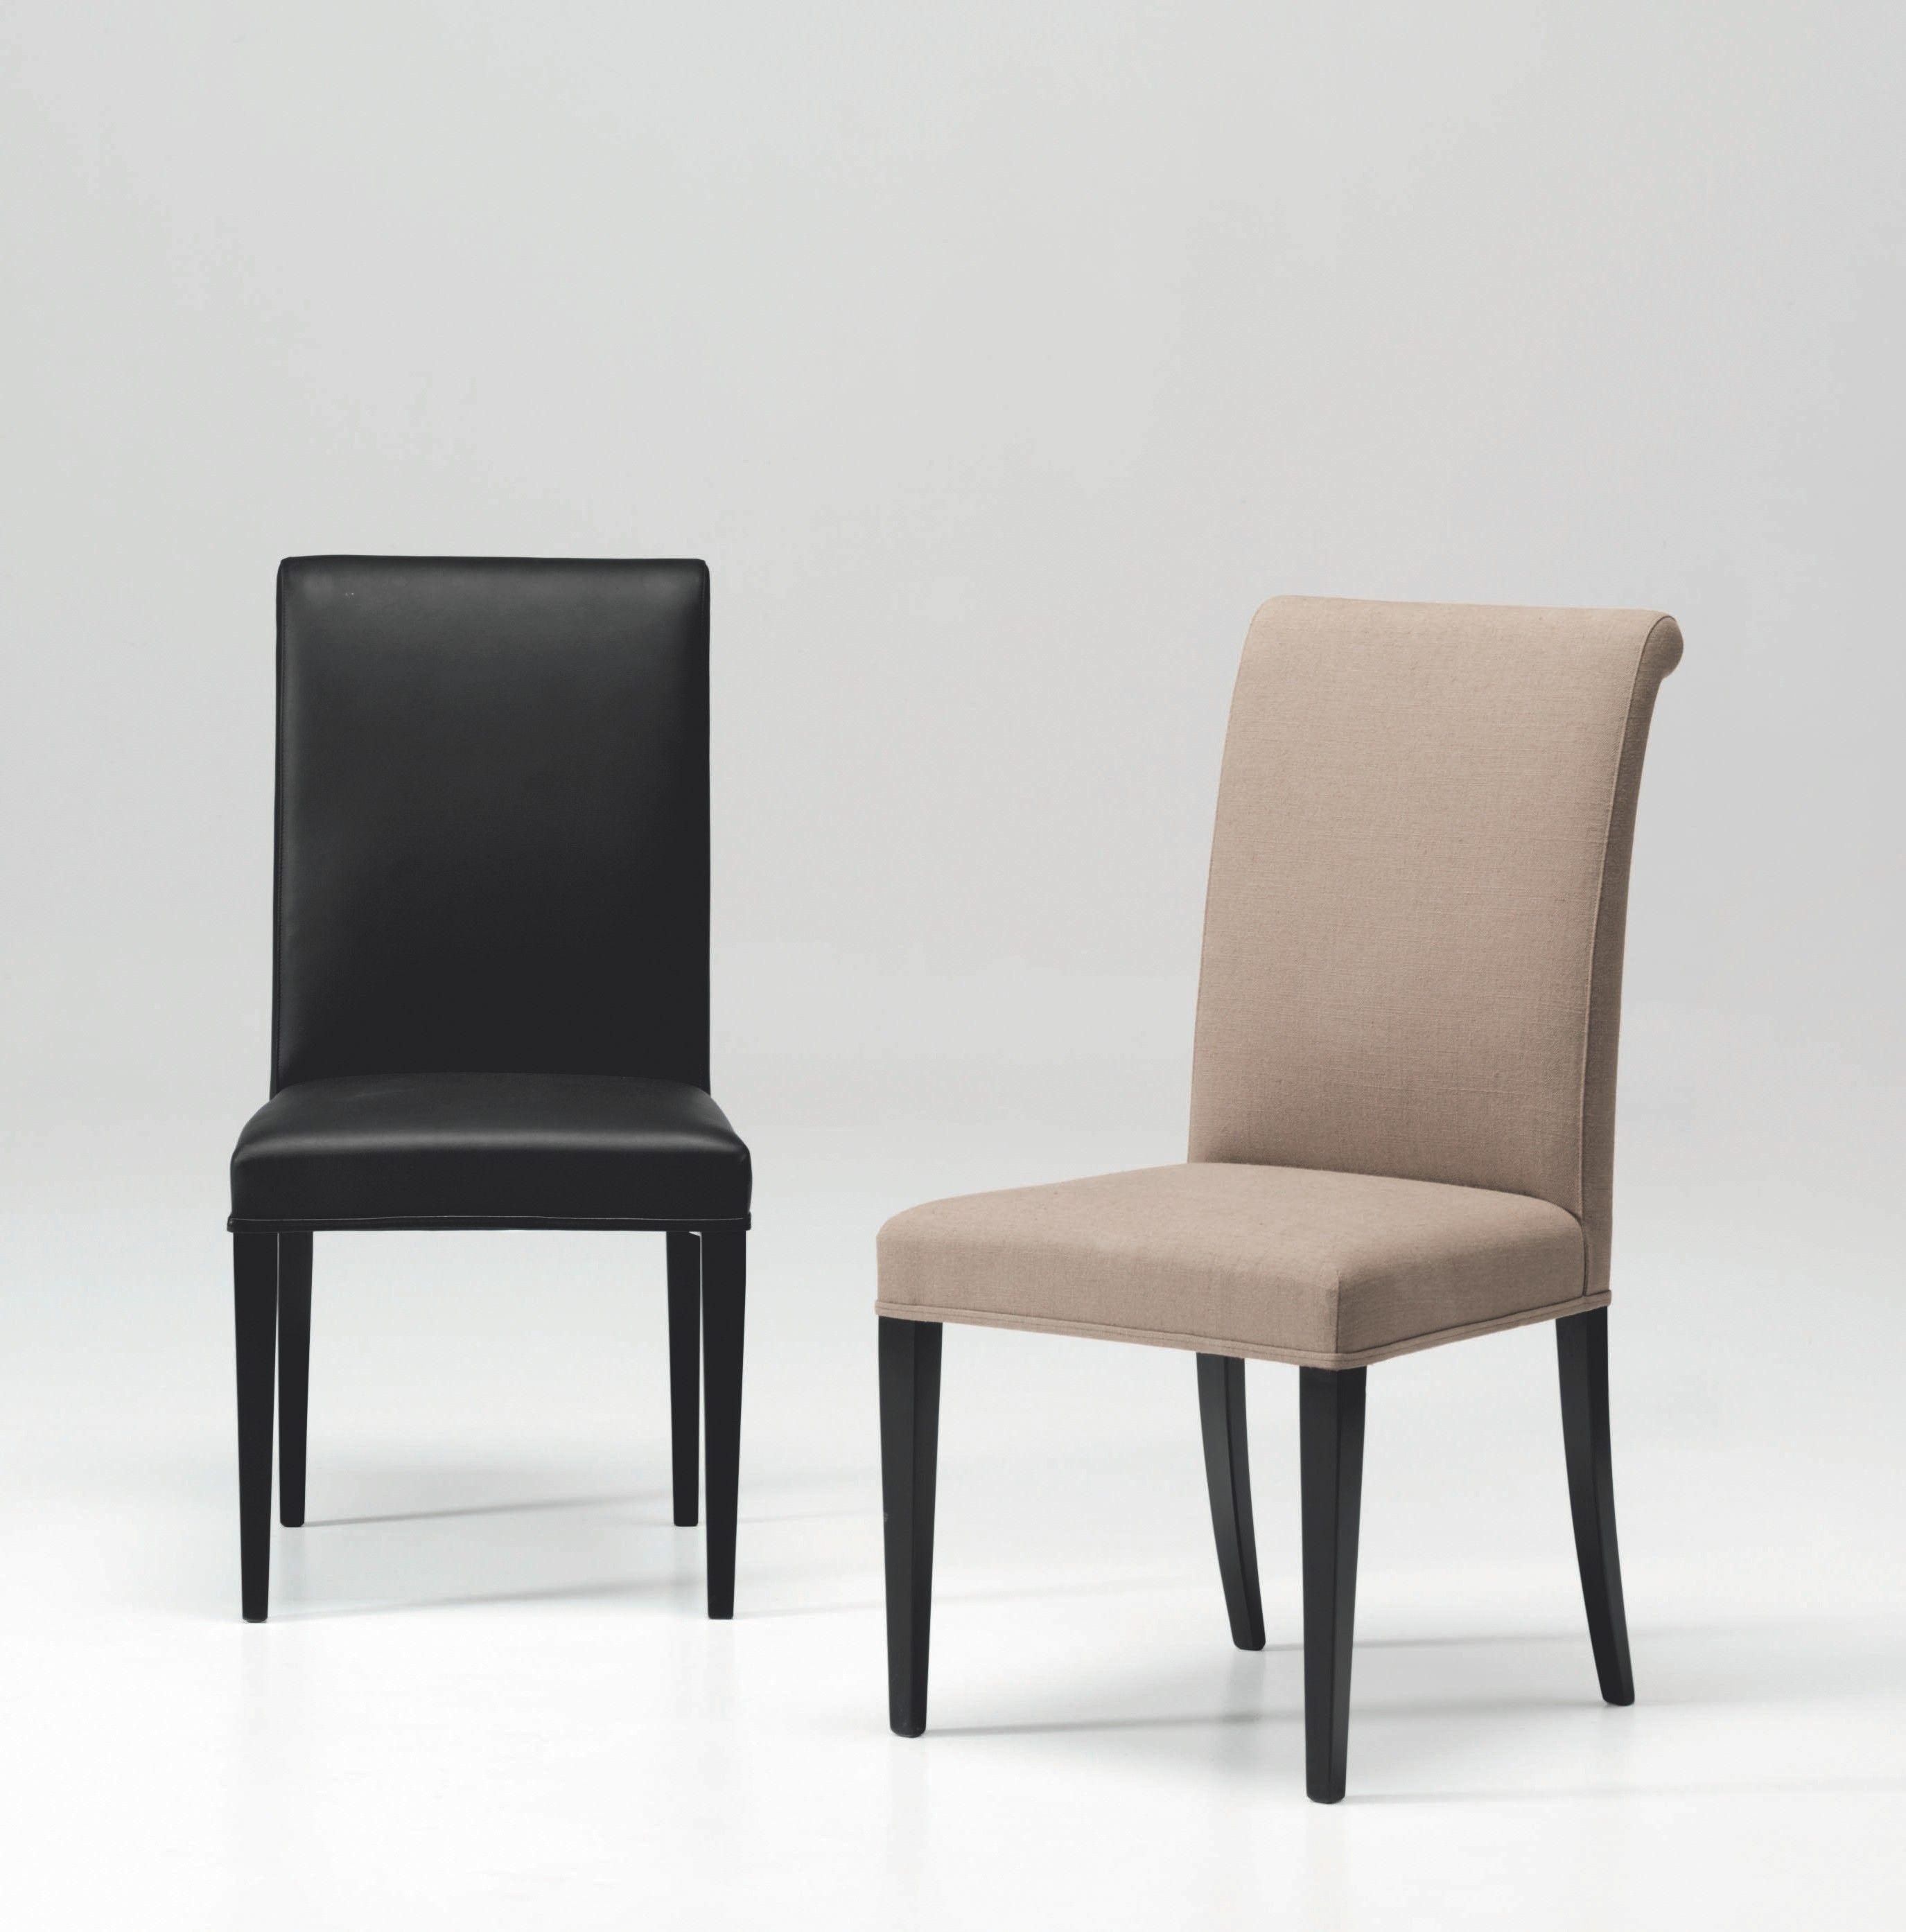 chaise rembourr e en cuir k10497b by l 39 origine home elegans. Black Bedroom Furniture Sets. Home Design Ideas